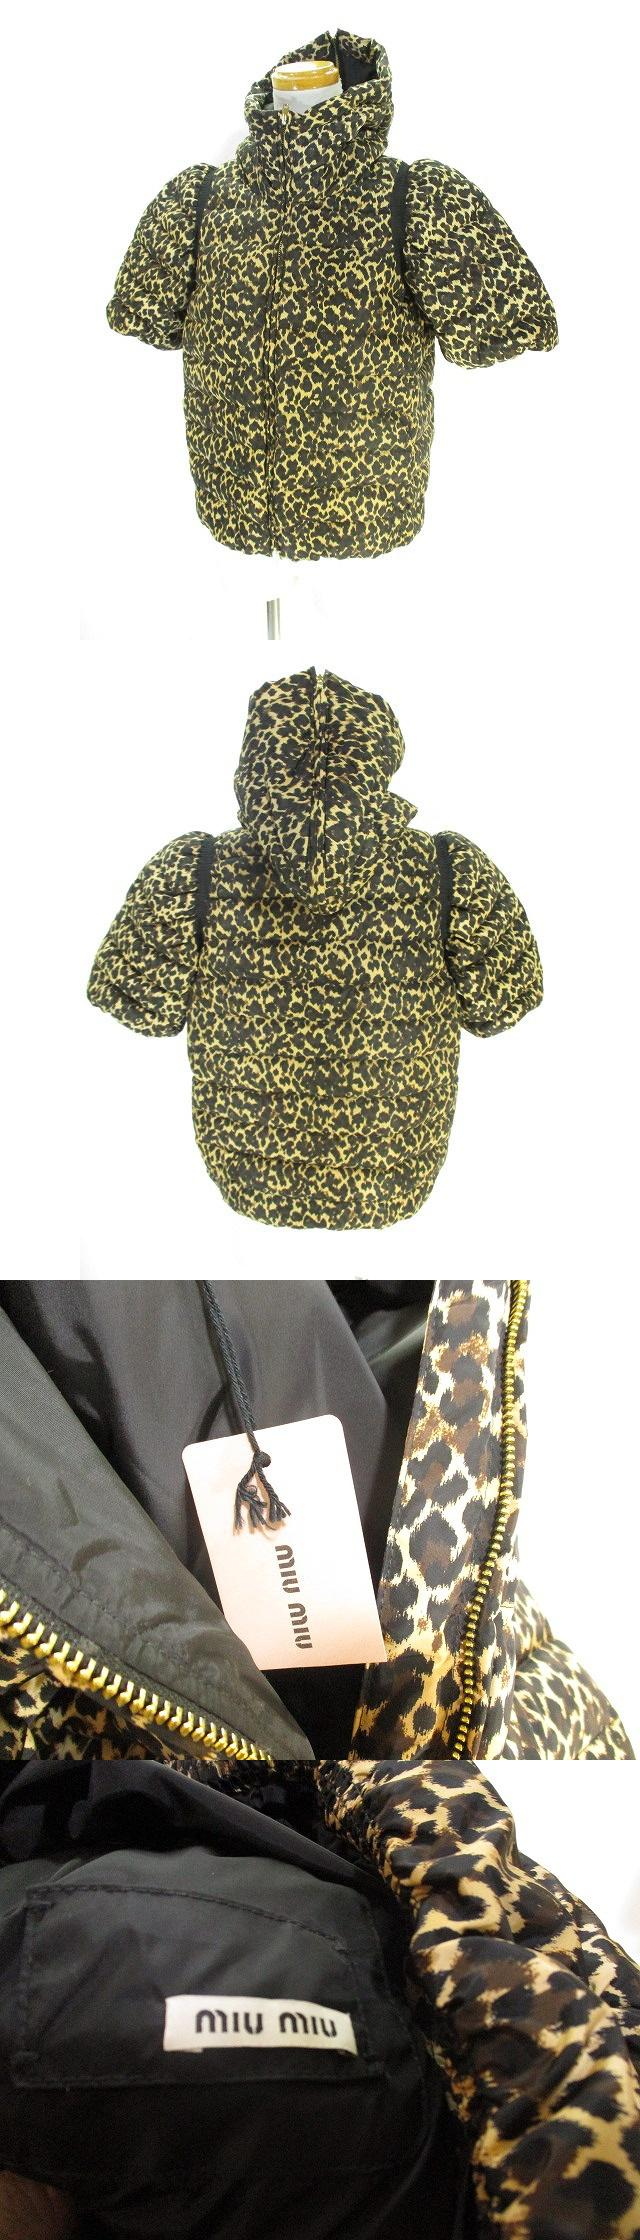 ダウン ジャケット 半袖 ナイロン レオパード アニマル フーデッド ジップアップ ベージュ ブラック 40 国内正規